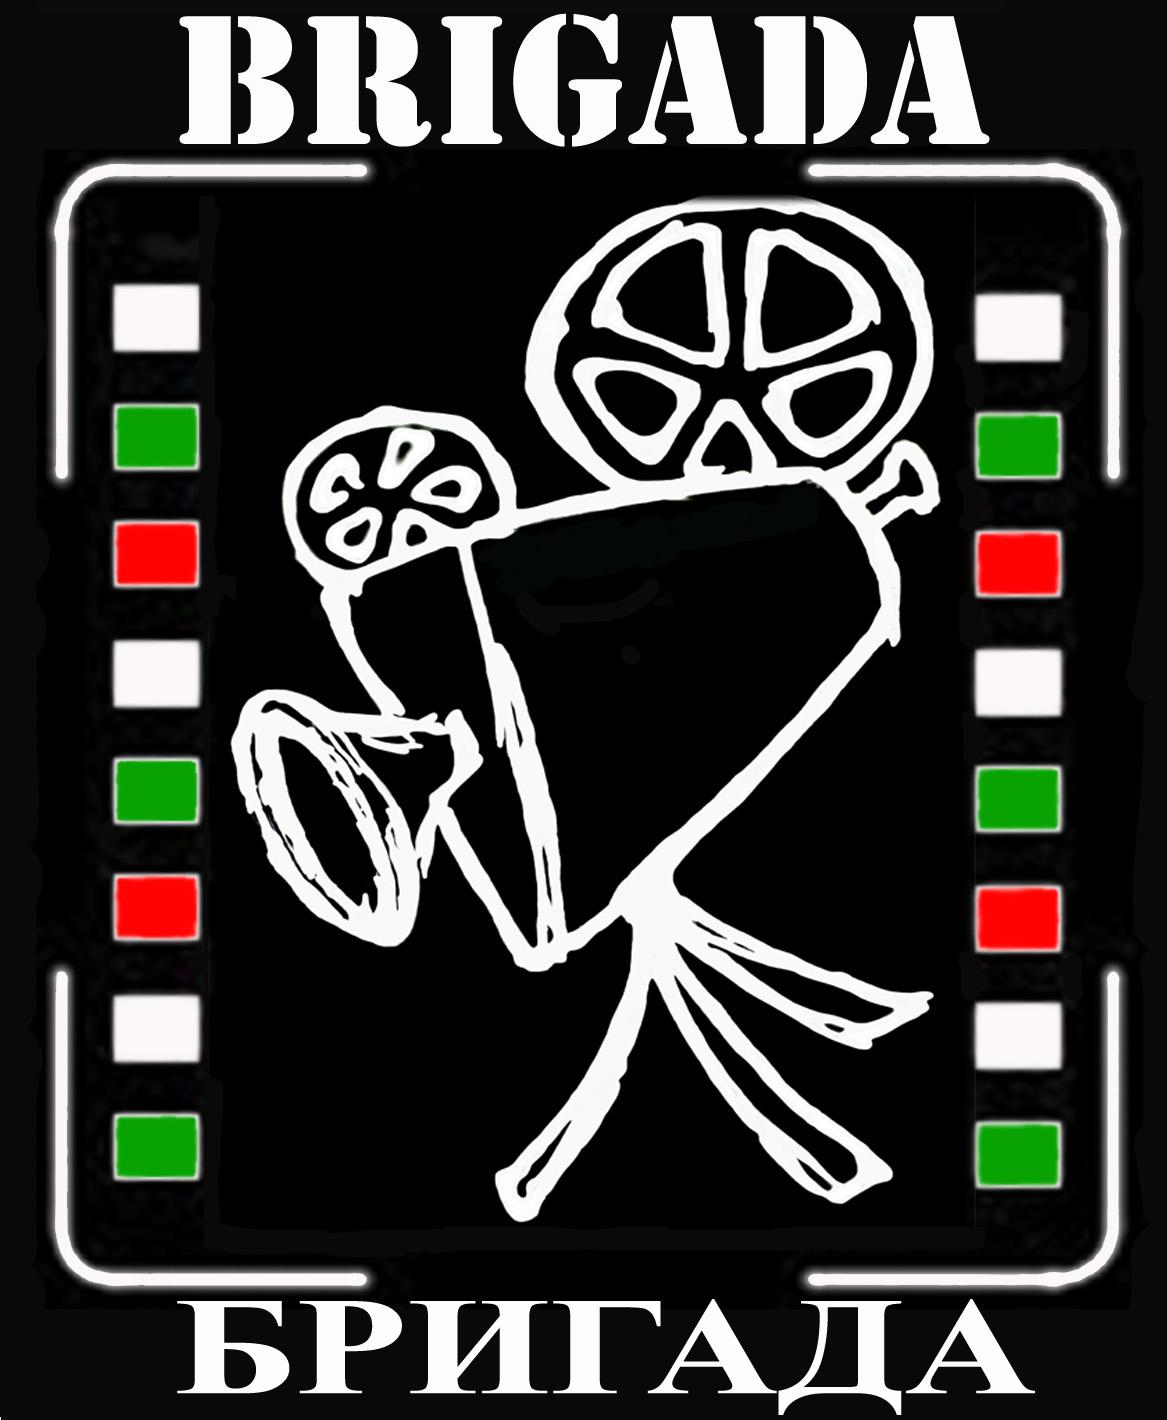 brigada_logo.jpg